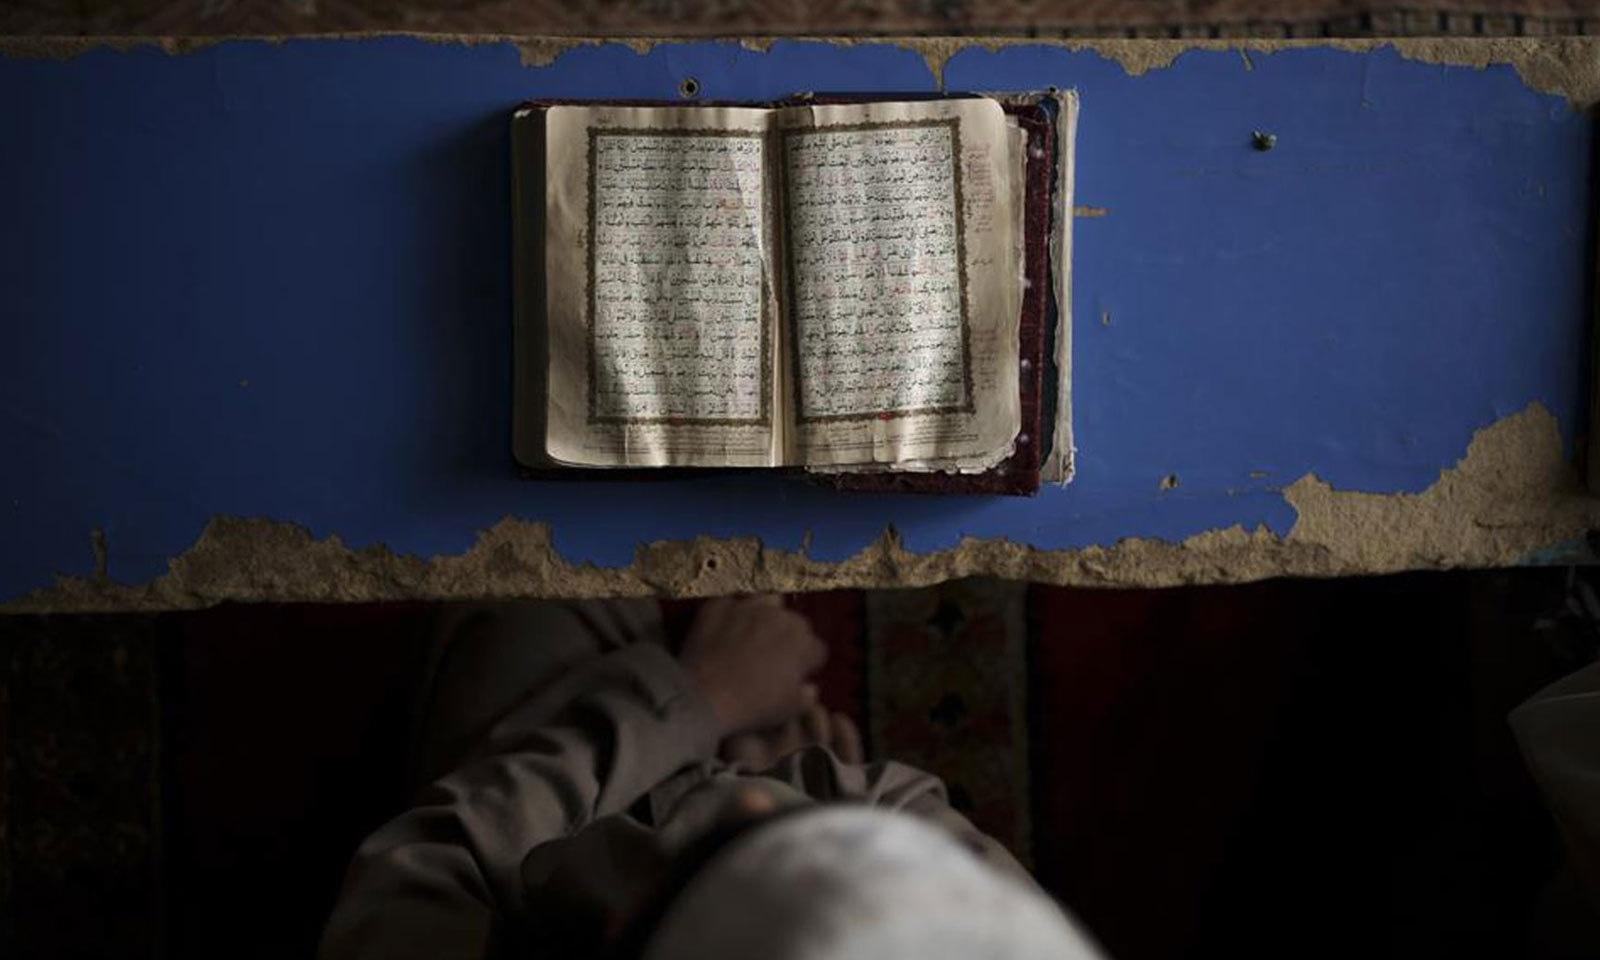 کابل کے ایک مدرسے میں طالب علم قرآن پاک حفظ کررہا ہے — فوٹو: اے پی